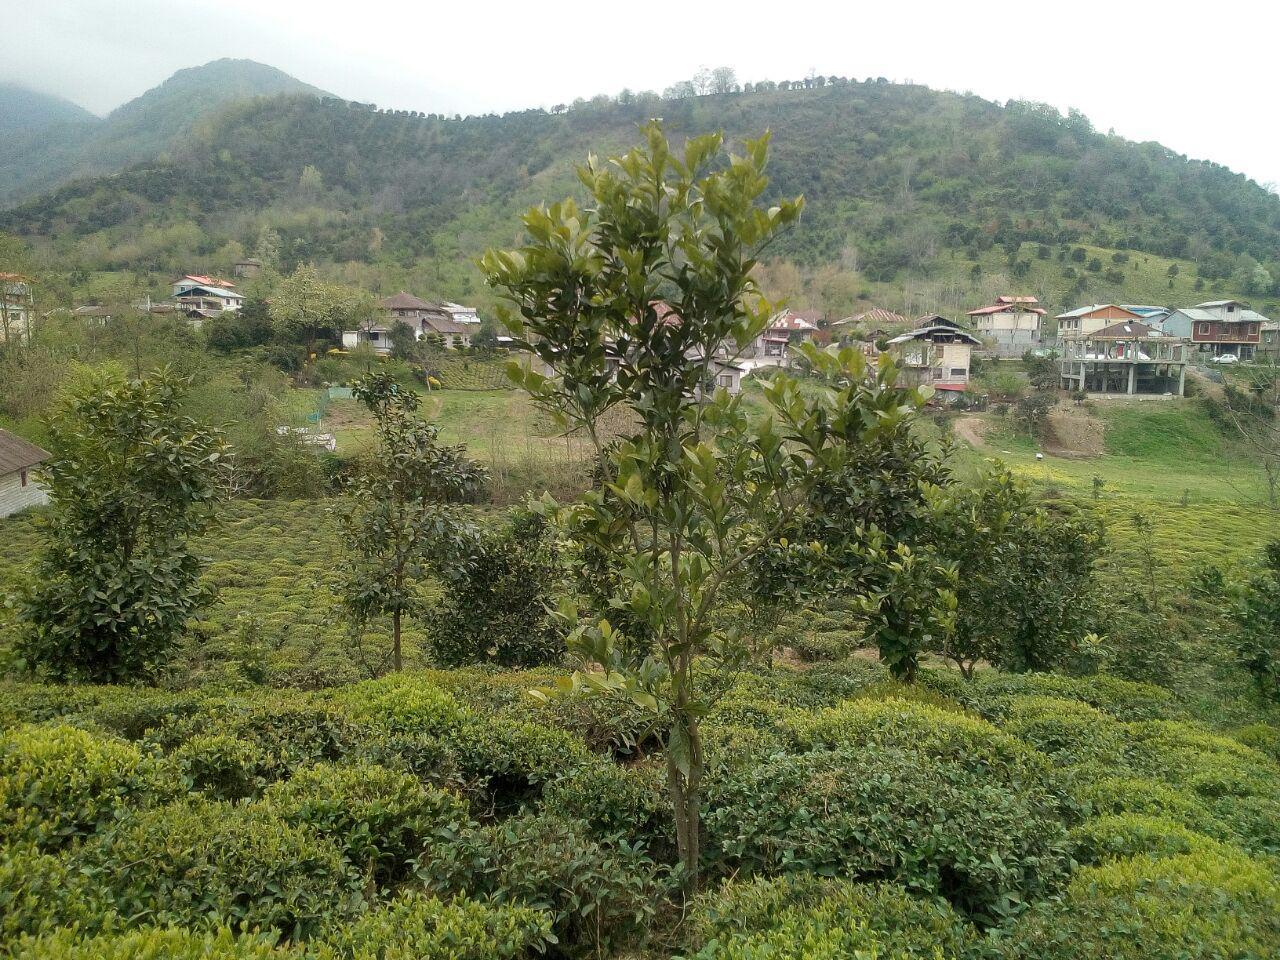 فروش زمین مسکونی جنگلی طرح هادی در رانکوه املش